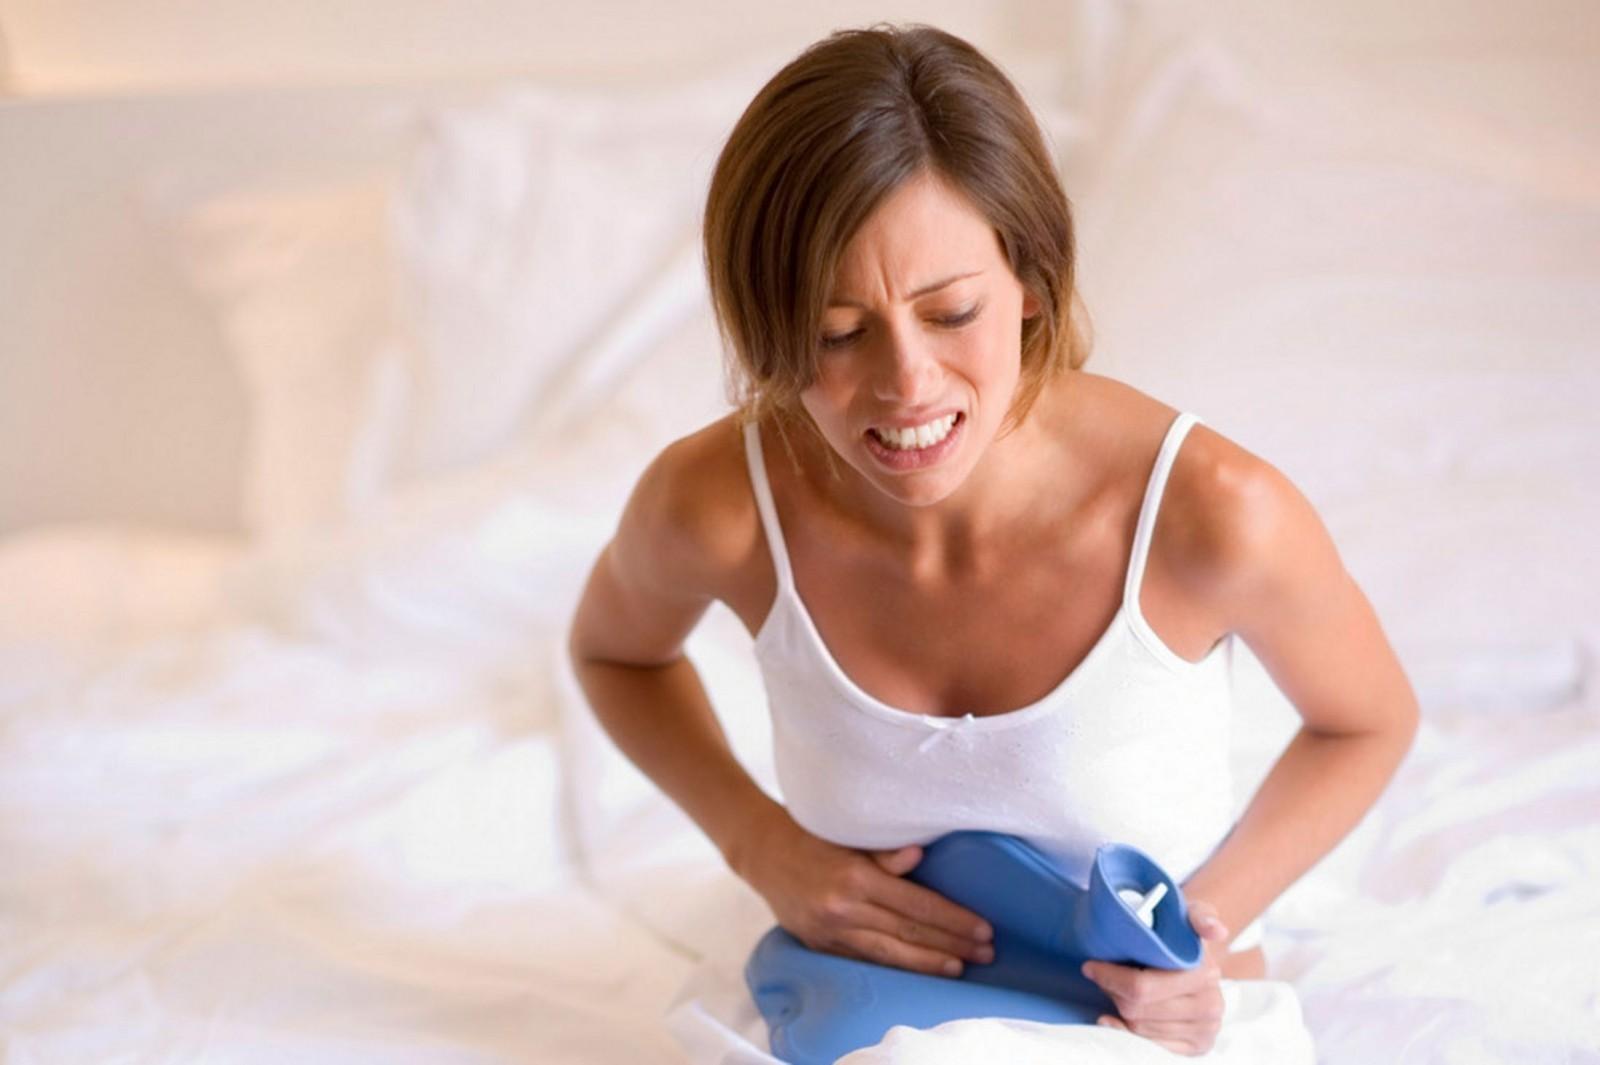 Уреаплазма у женщин: причины, симптомы, лечение, последствия